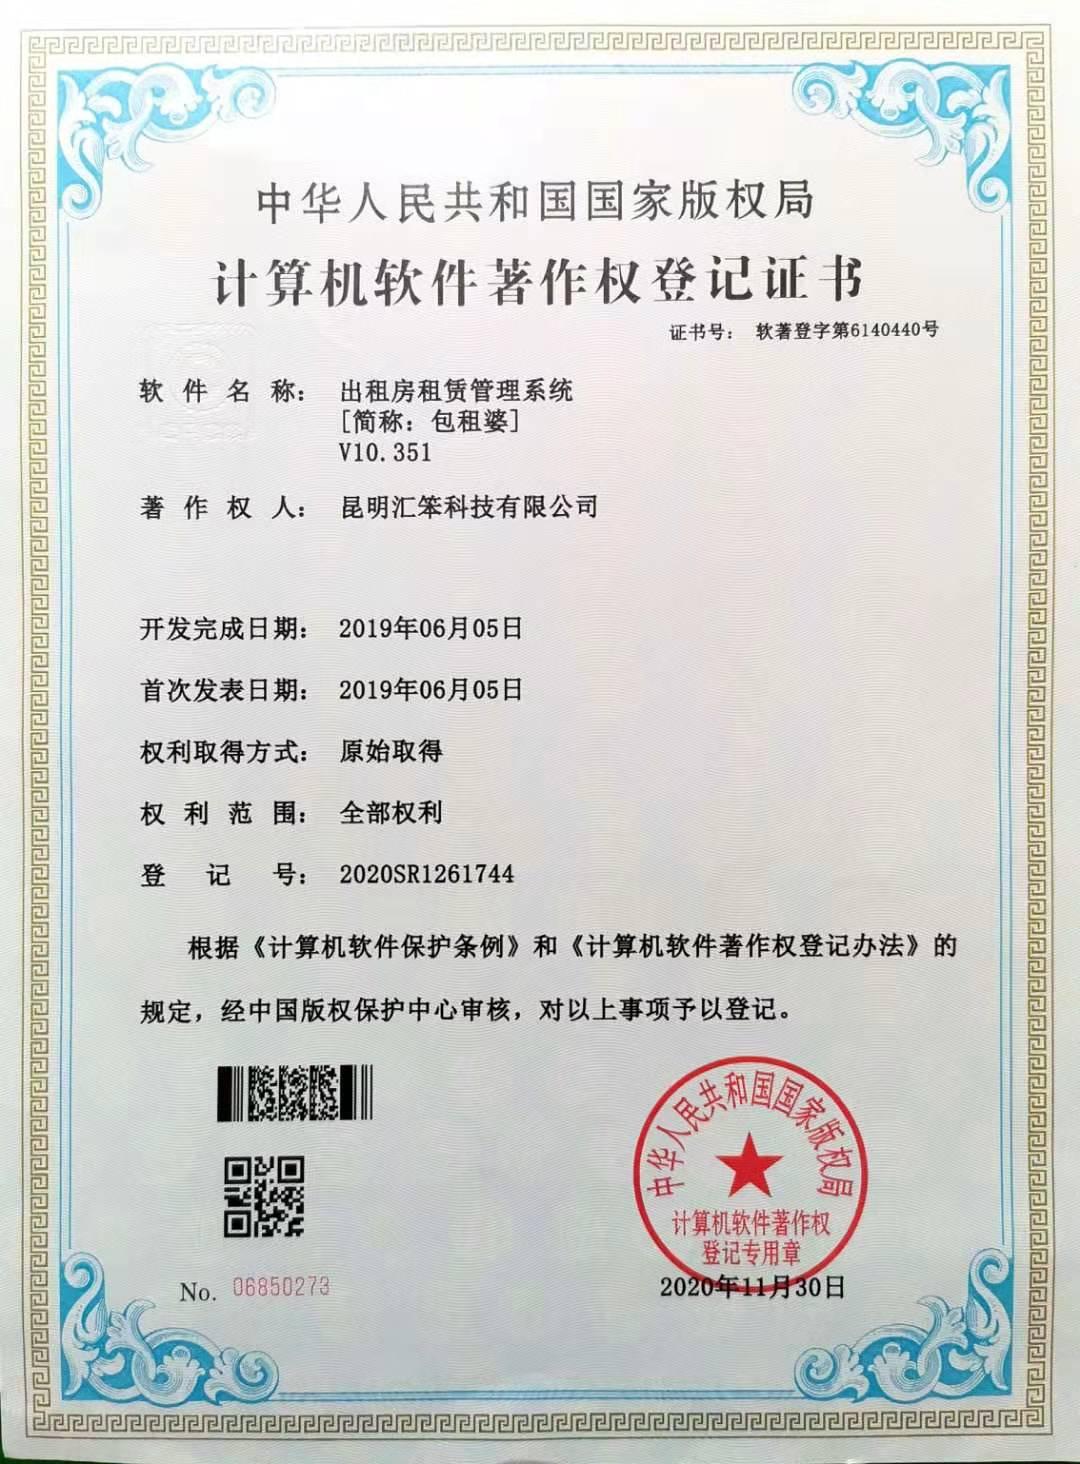 最新出租房租赁管理系统计算机软件著作版权证书